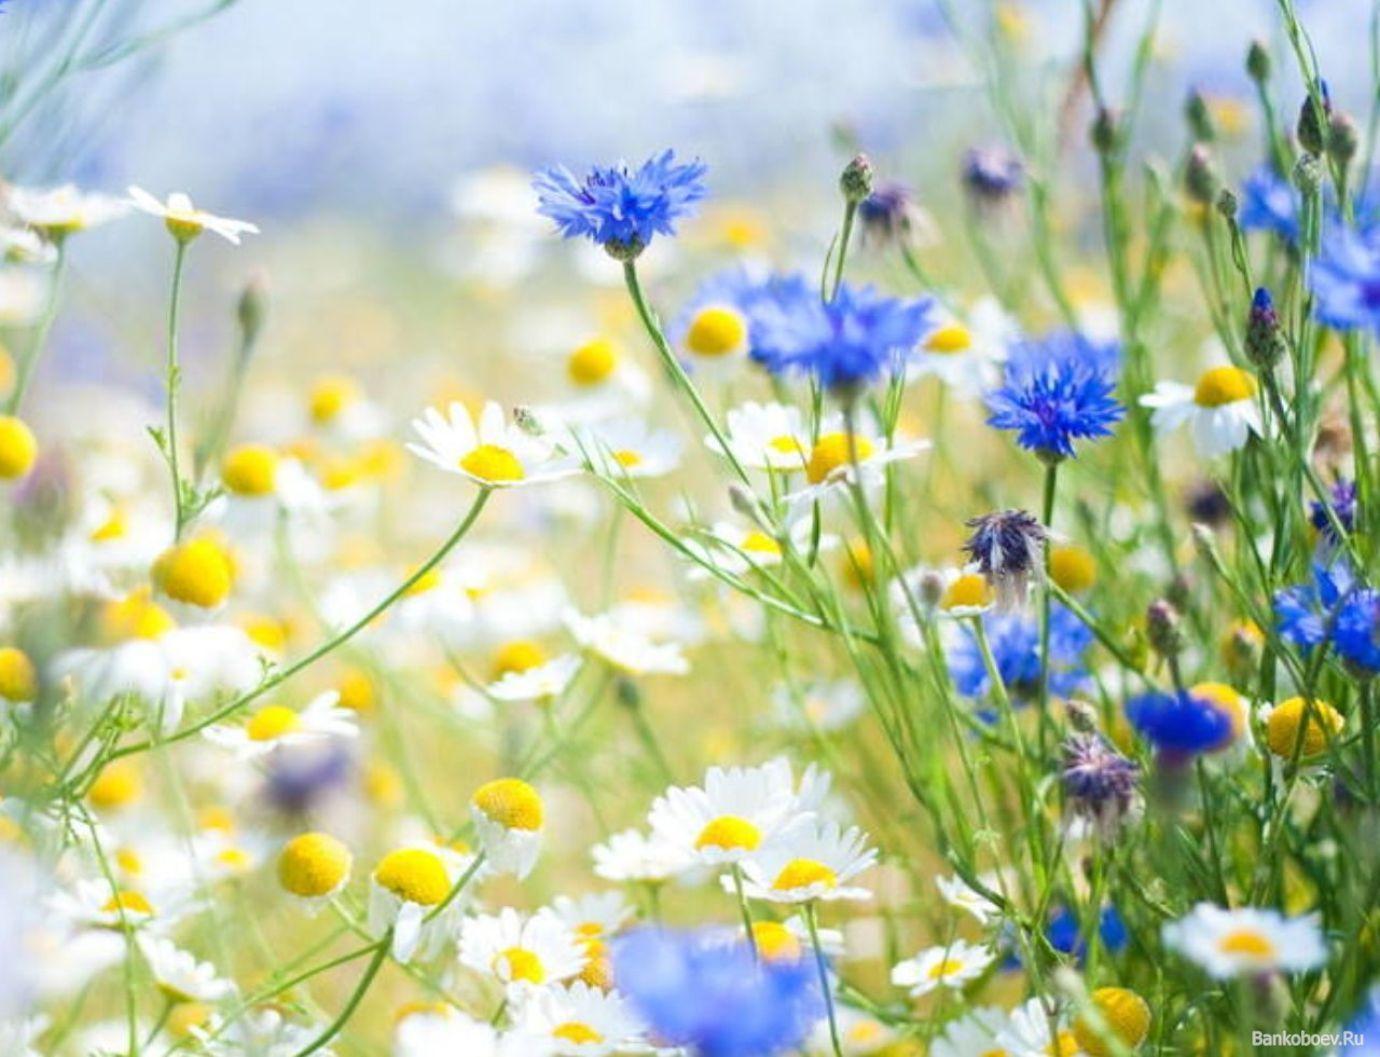 обои Ромашки и васильки фото | Ромашки, Цветоводство, Цветы